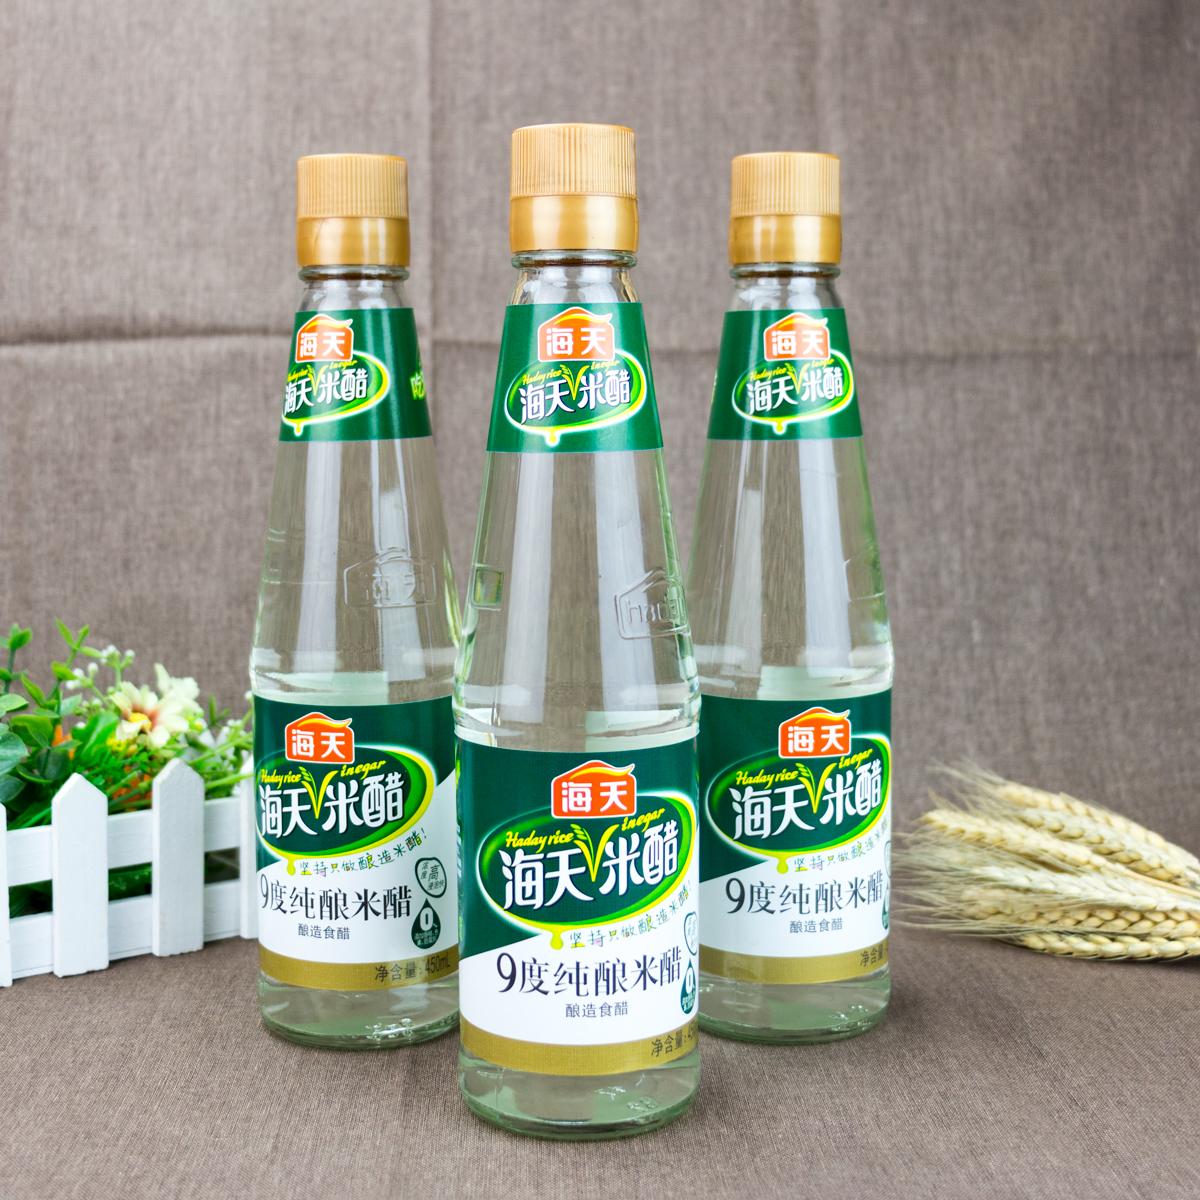 包邮 海天9度纯酿米醋450ml*3瓶九度浸蛋醋高度醋腌制浸泡醋熏用